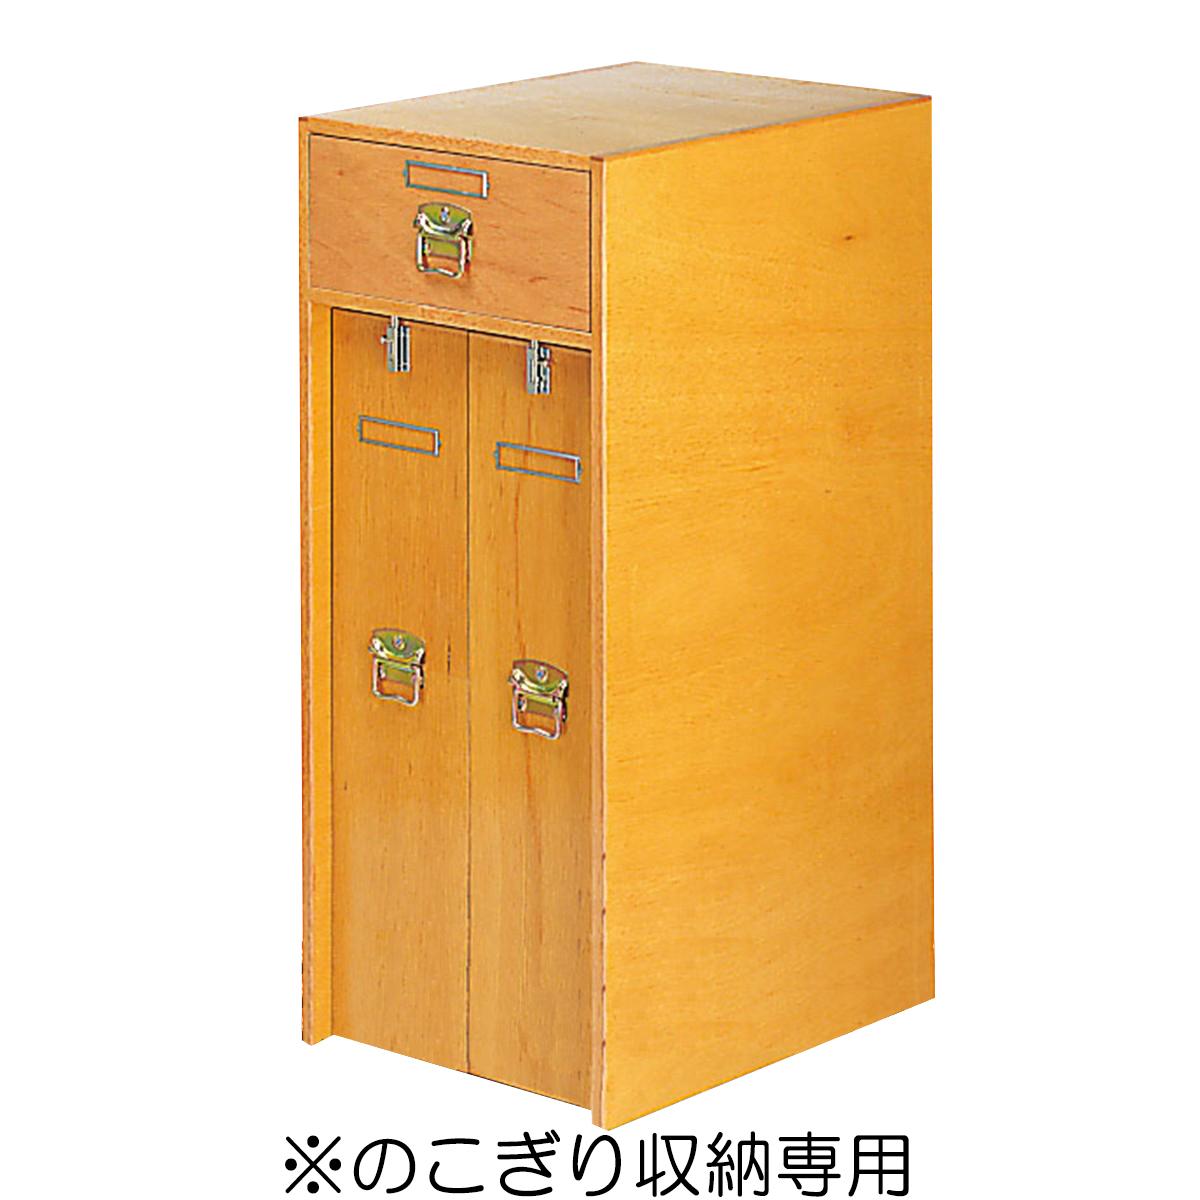 ツールスタンド TB-2 のこぎり収納専用 【 木工 木彫 木工具 収納 整理 棚 】